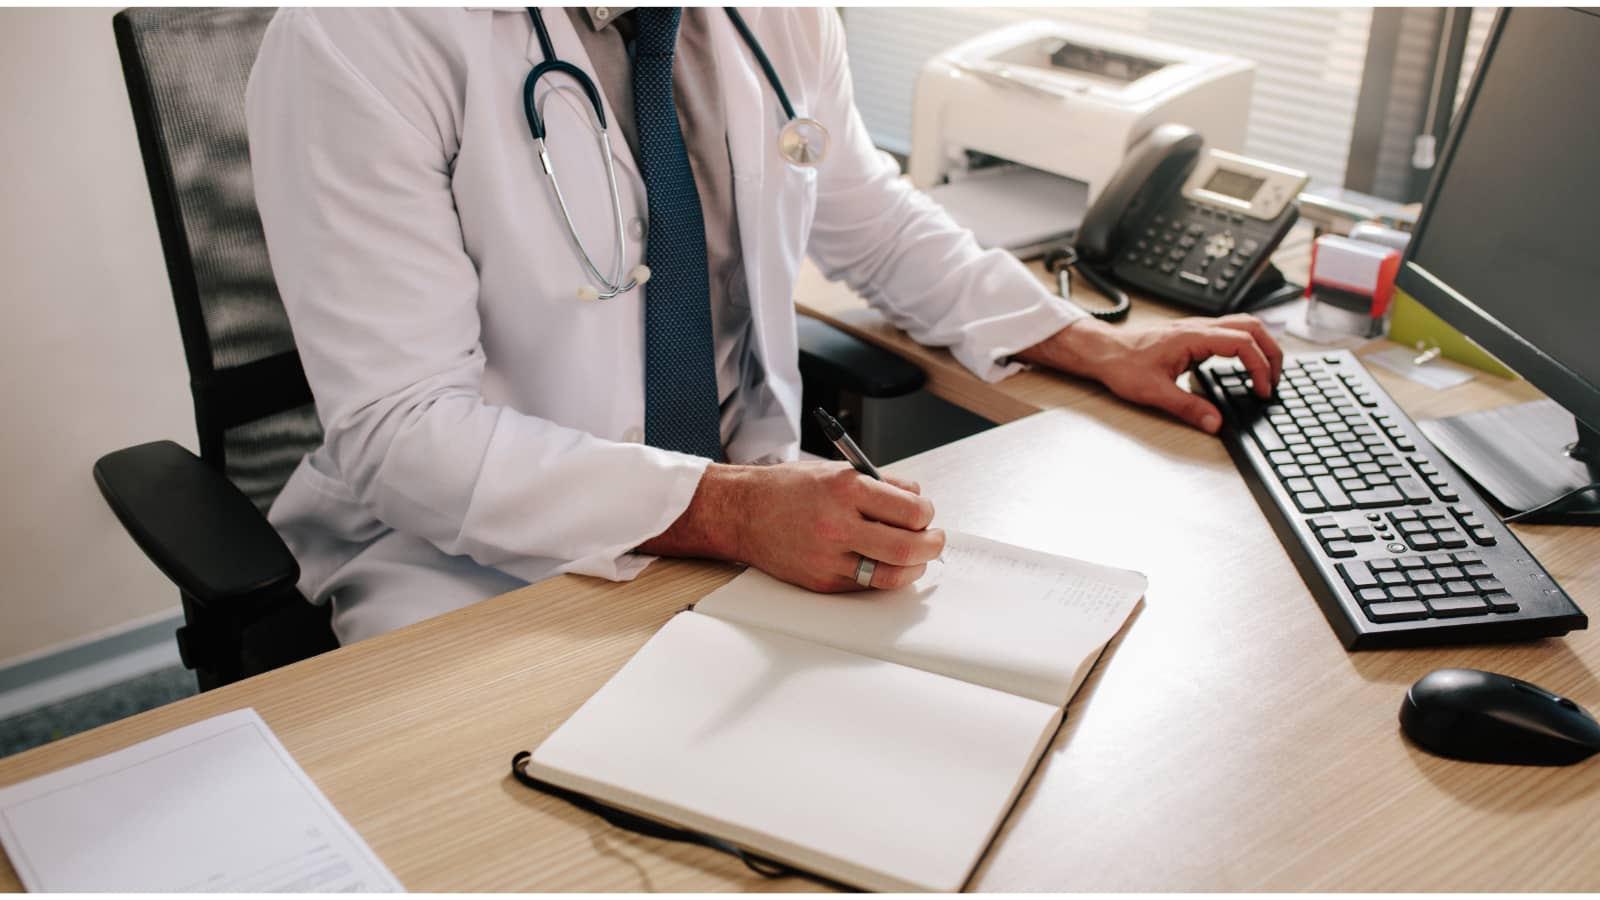 Buscadores médicos: dónde encontrar la mejor información médica